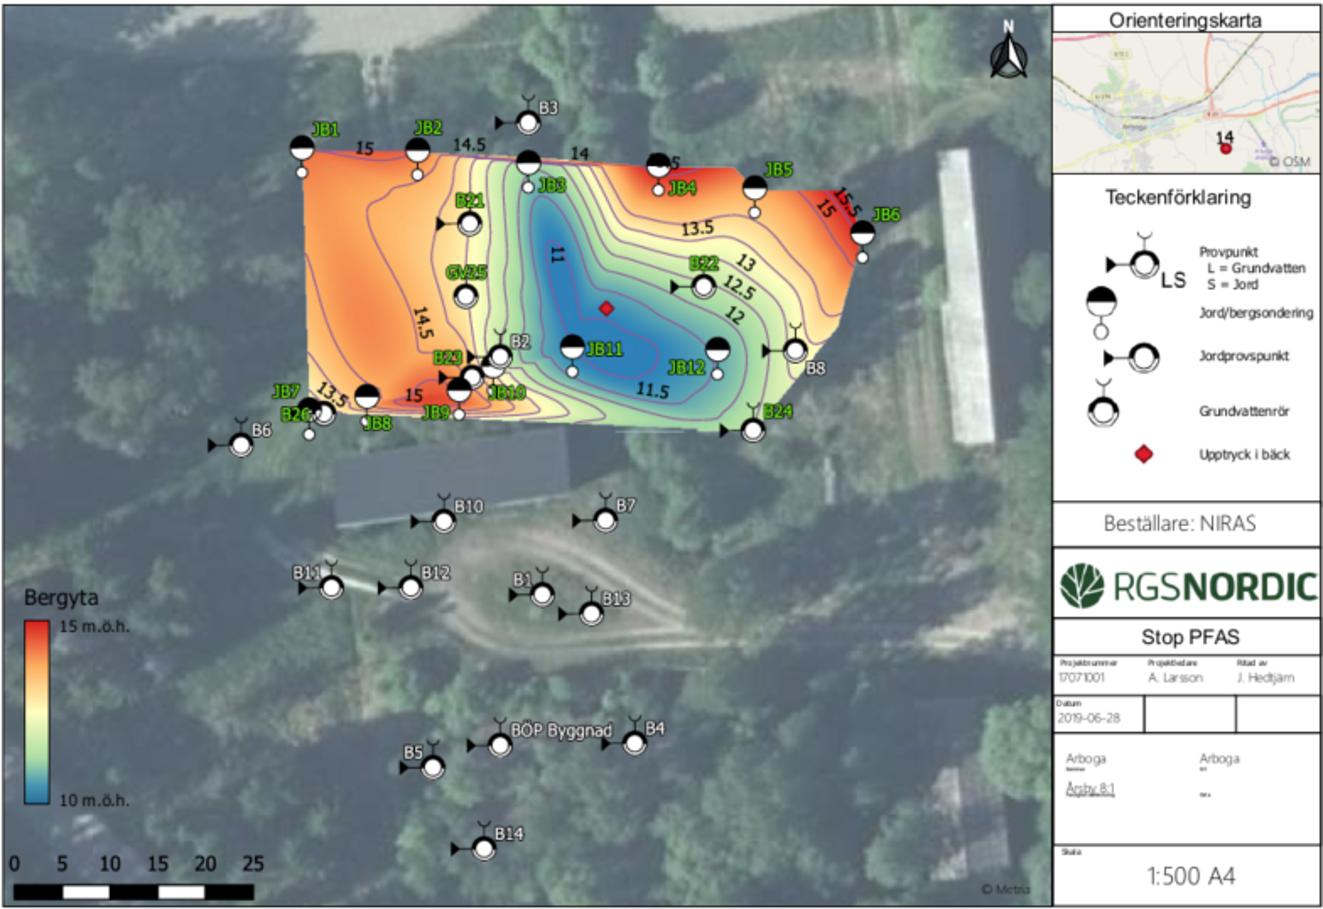 Arboga site map